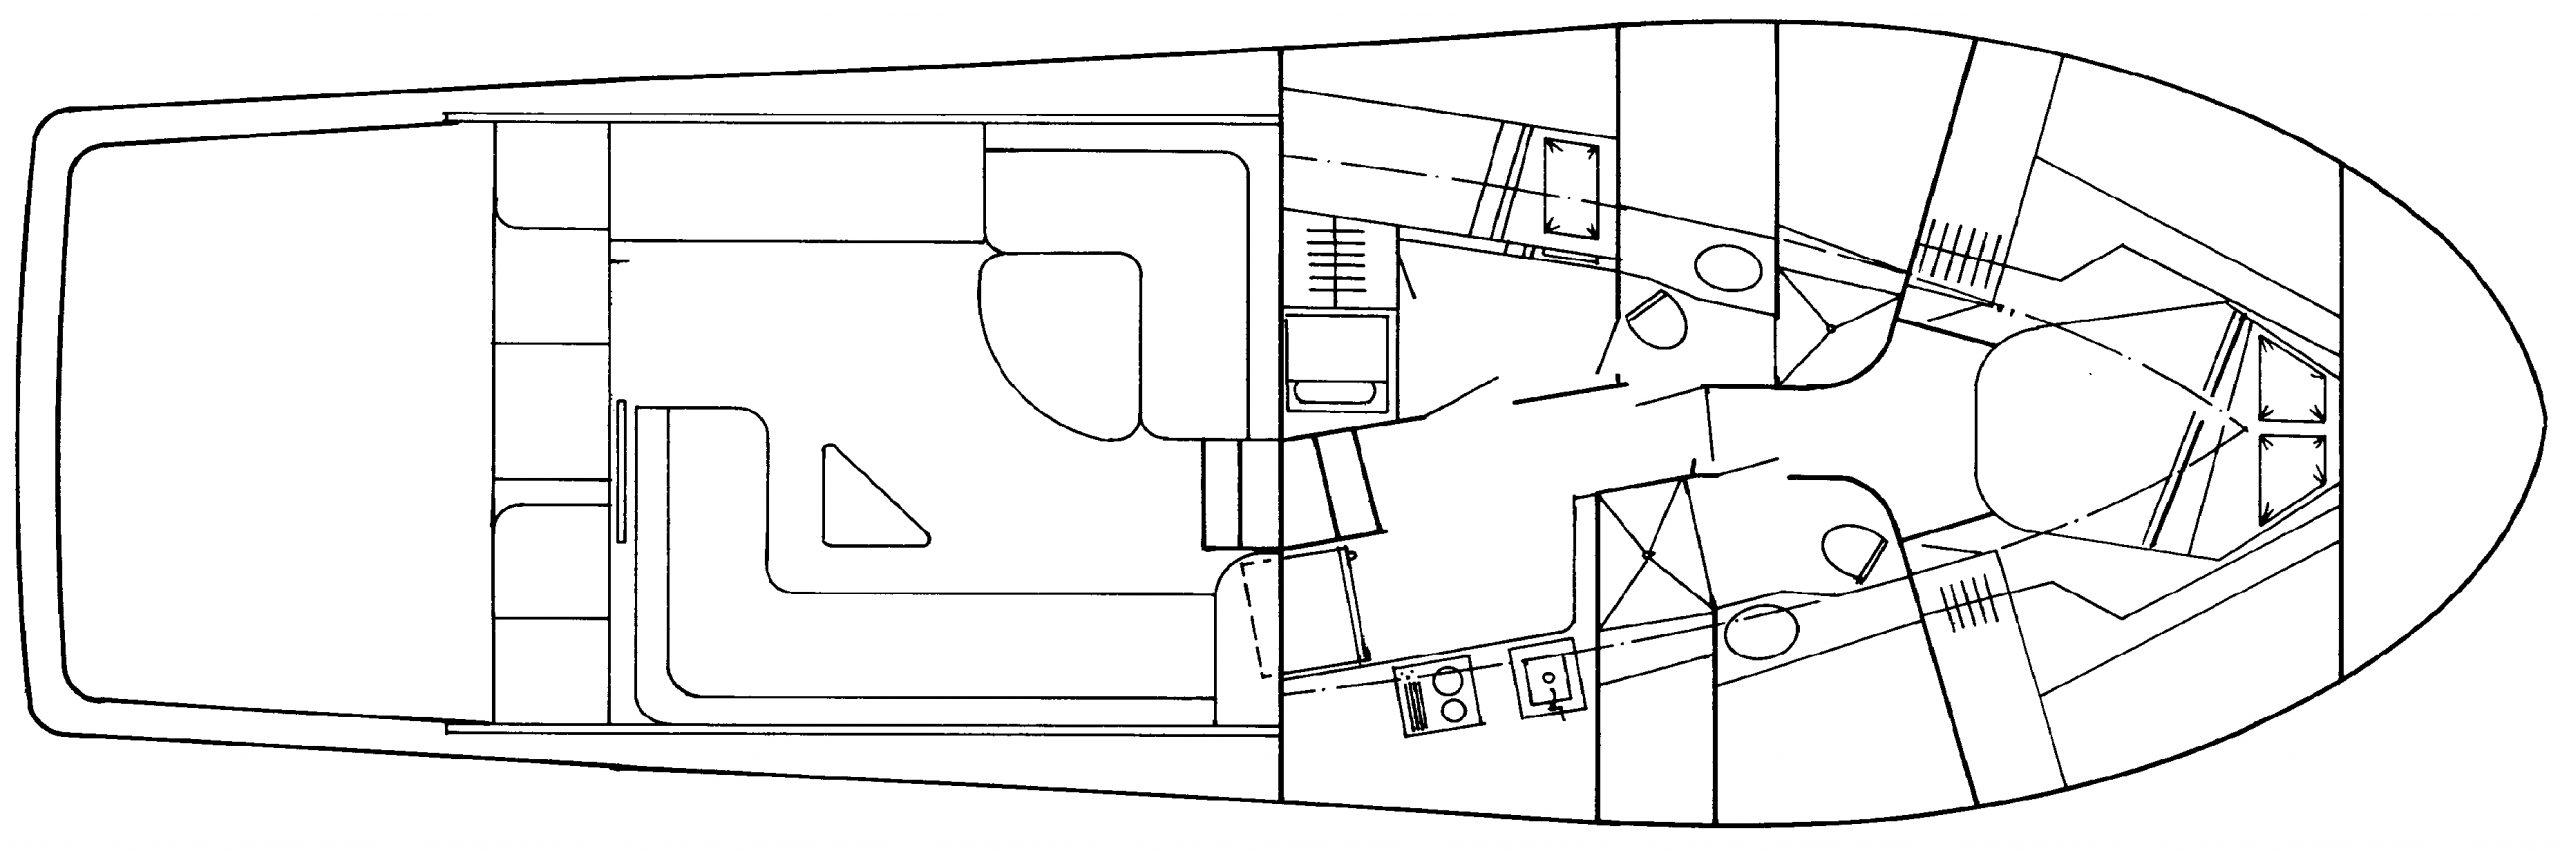 47 Convertible Floor Plan 2